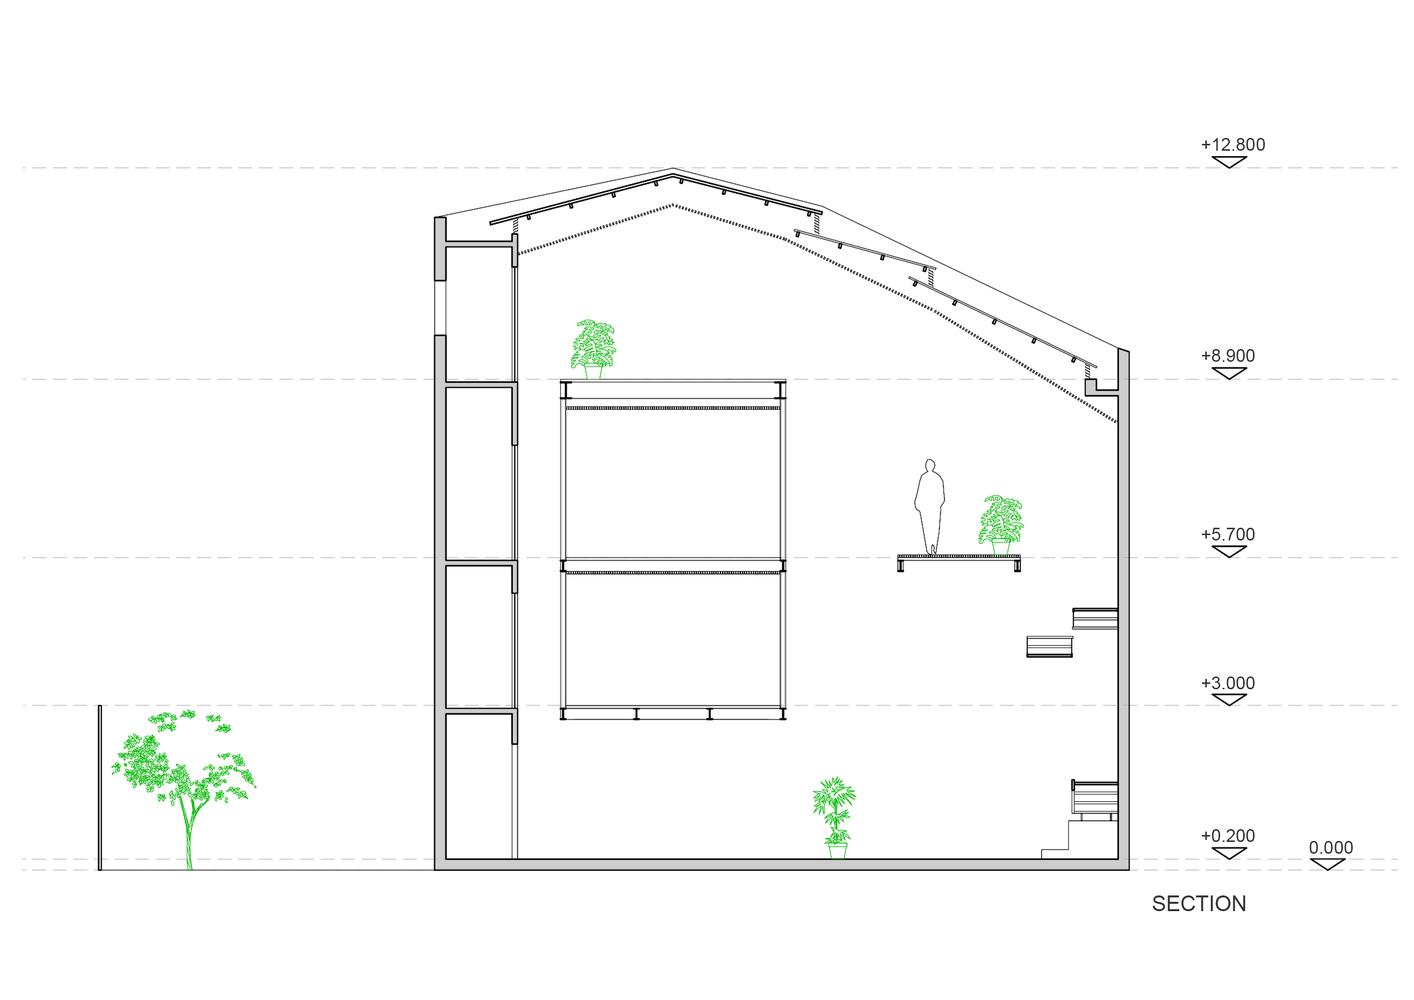 bản vẽ mặt cắt nhà